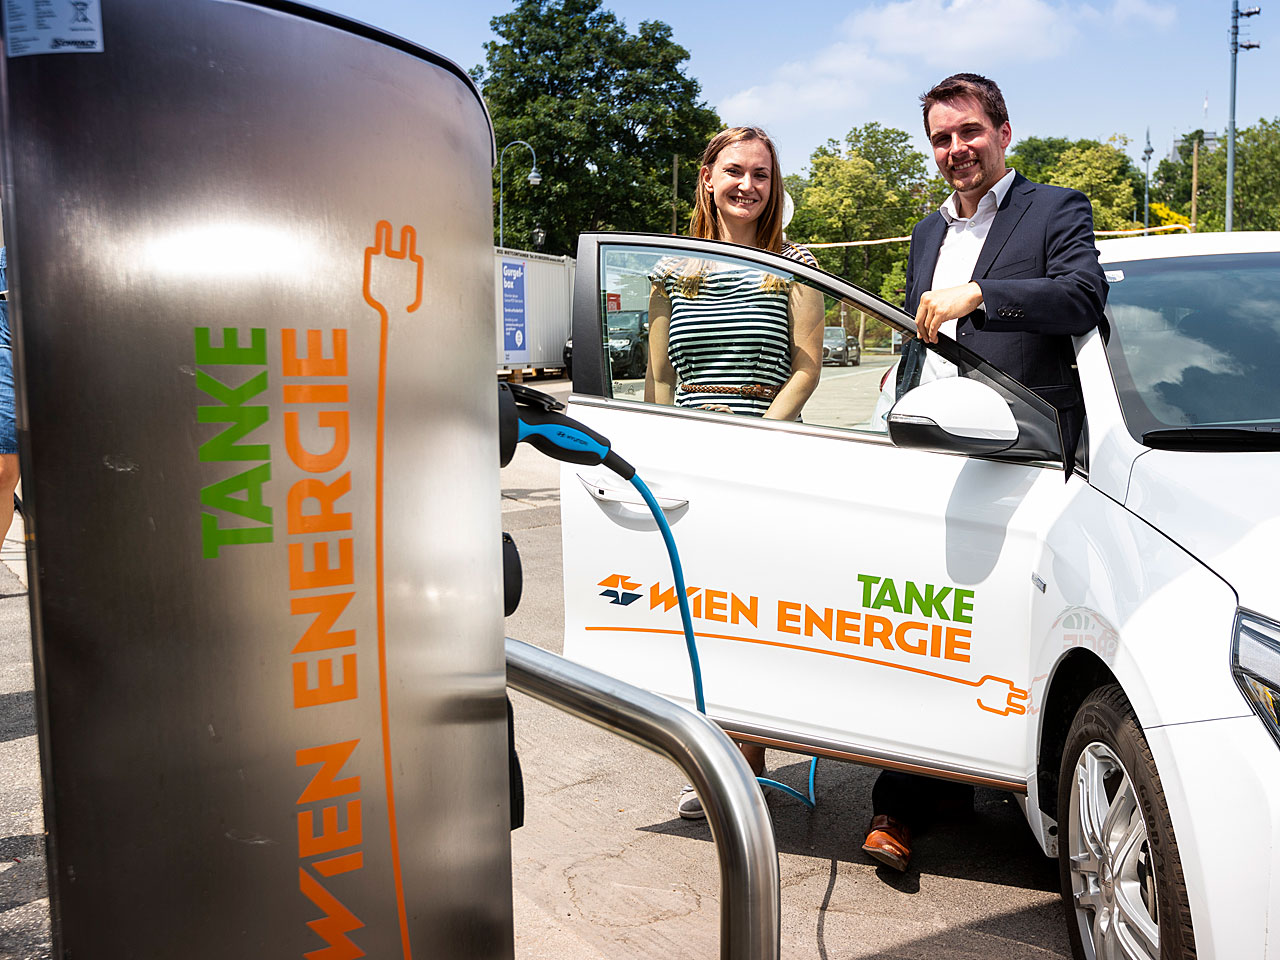 Projektteam: Carmen Wagner (TNM), Paul Gredler-Oxenbauer (TNM) - Fotocredit: Wien Energie/Martin Steiger